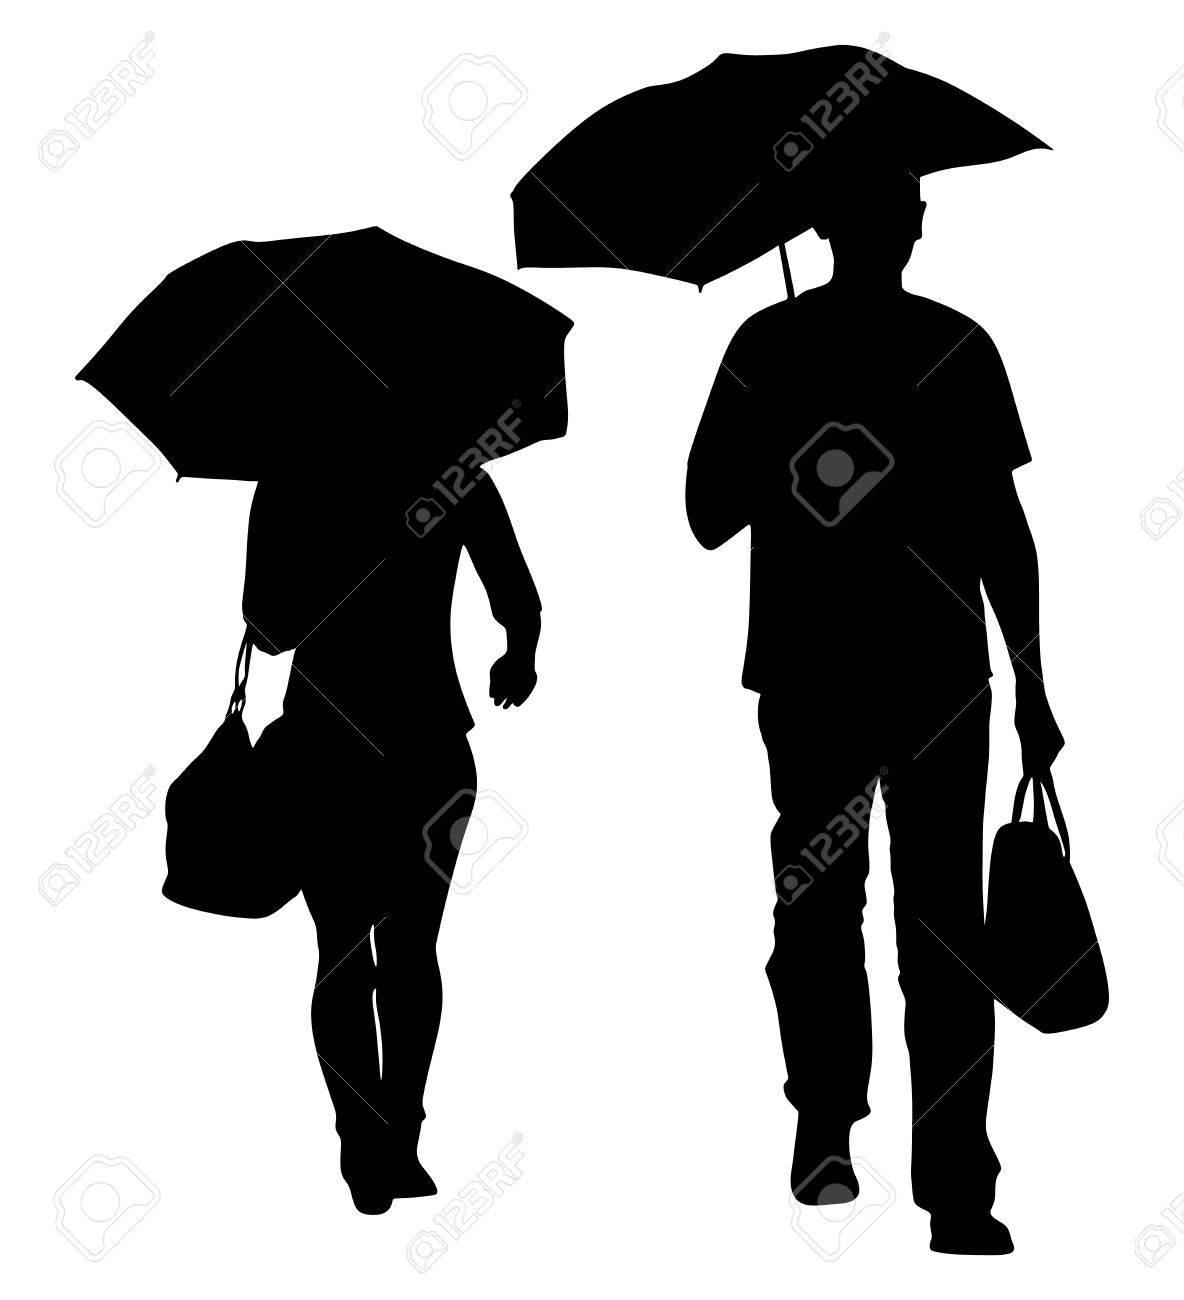 傘とバッグのベクトル シルエット イラストと雨の中を歩く男。傘ベクトル